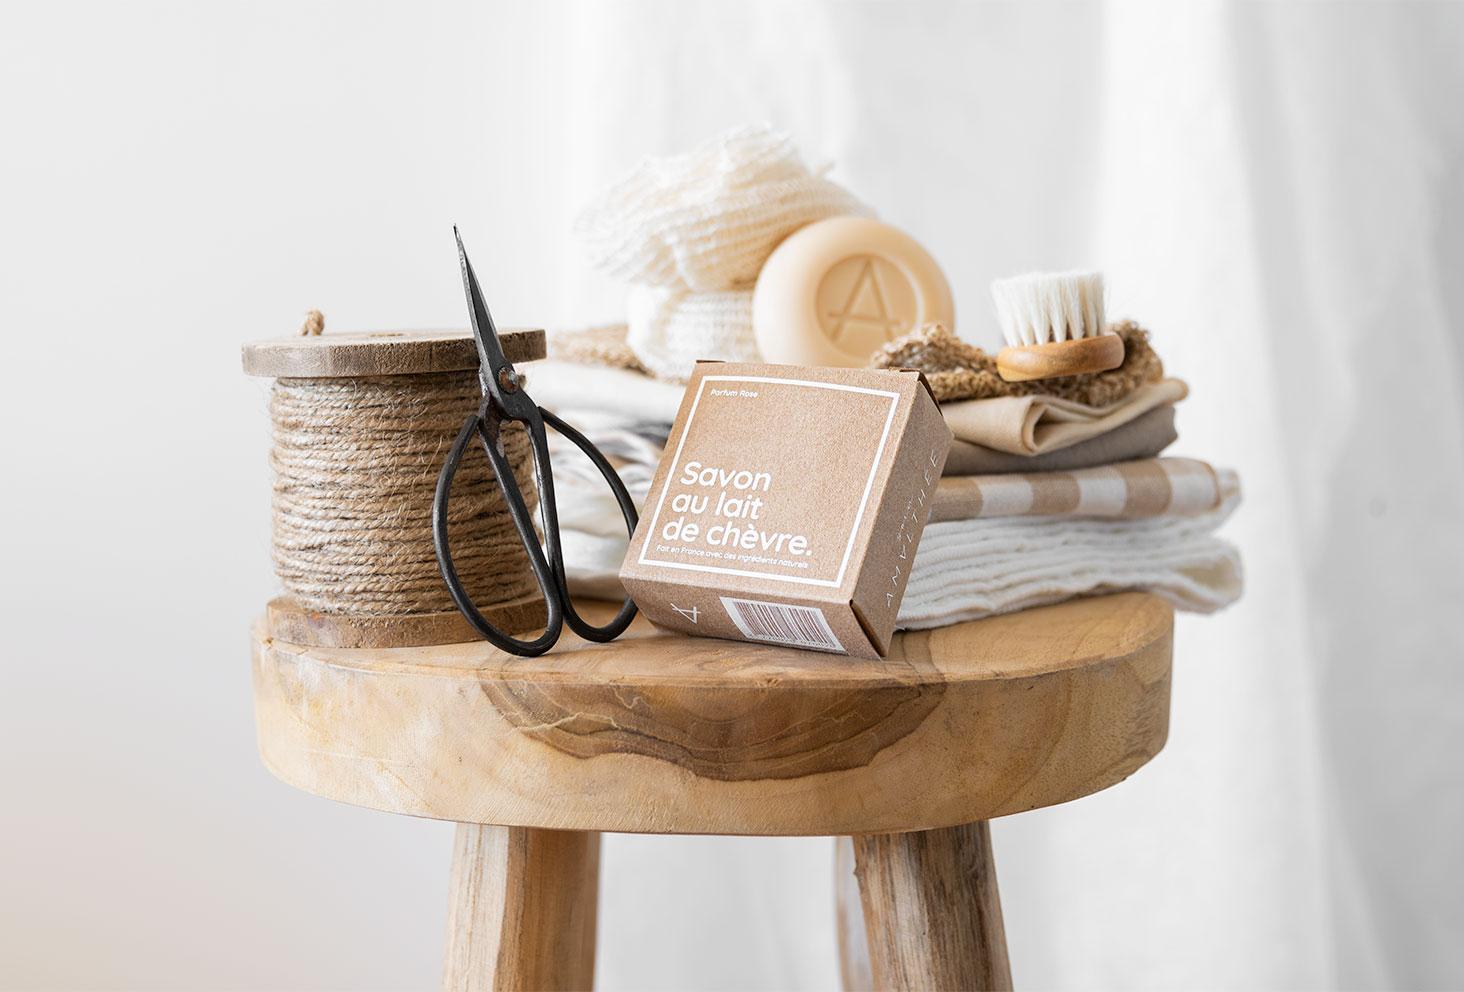 La savon au lait de chèvre de Soin Amalthée dans son emballage kraft, posé sur un tabouret en bois dans une salle de bain